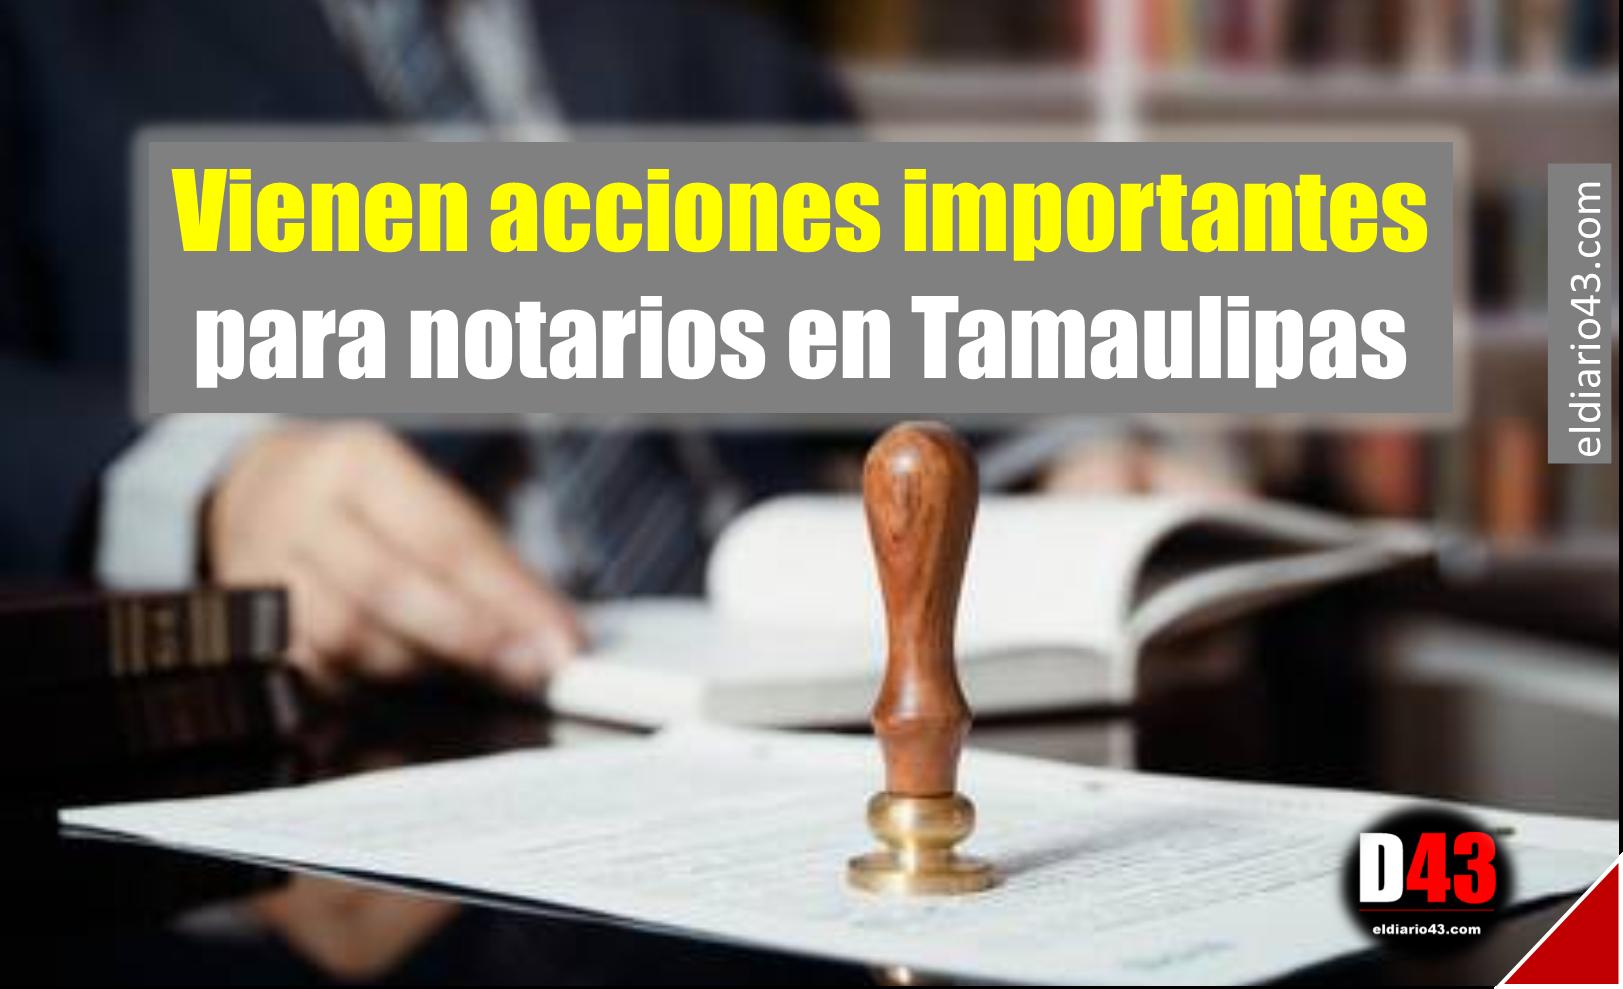 Vienen acciones importantes para notarios en Tamaulipas